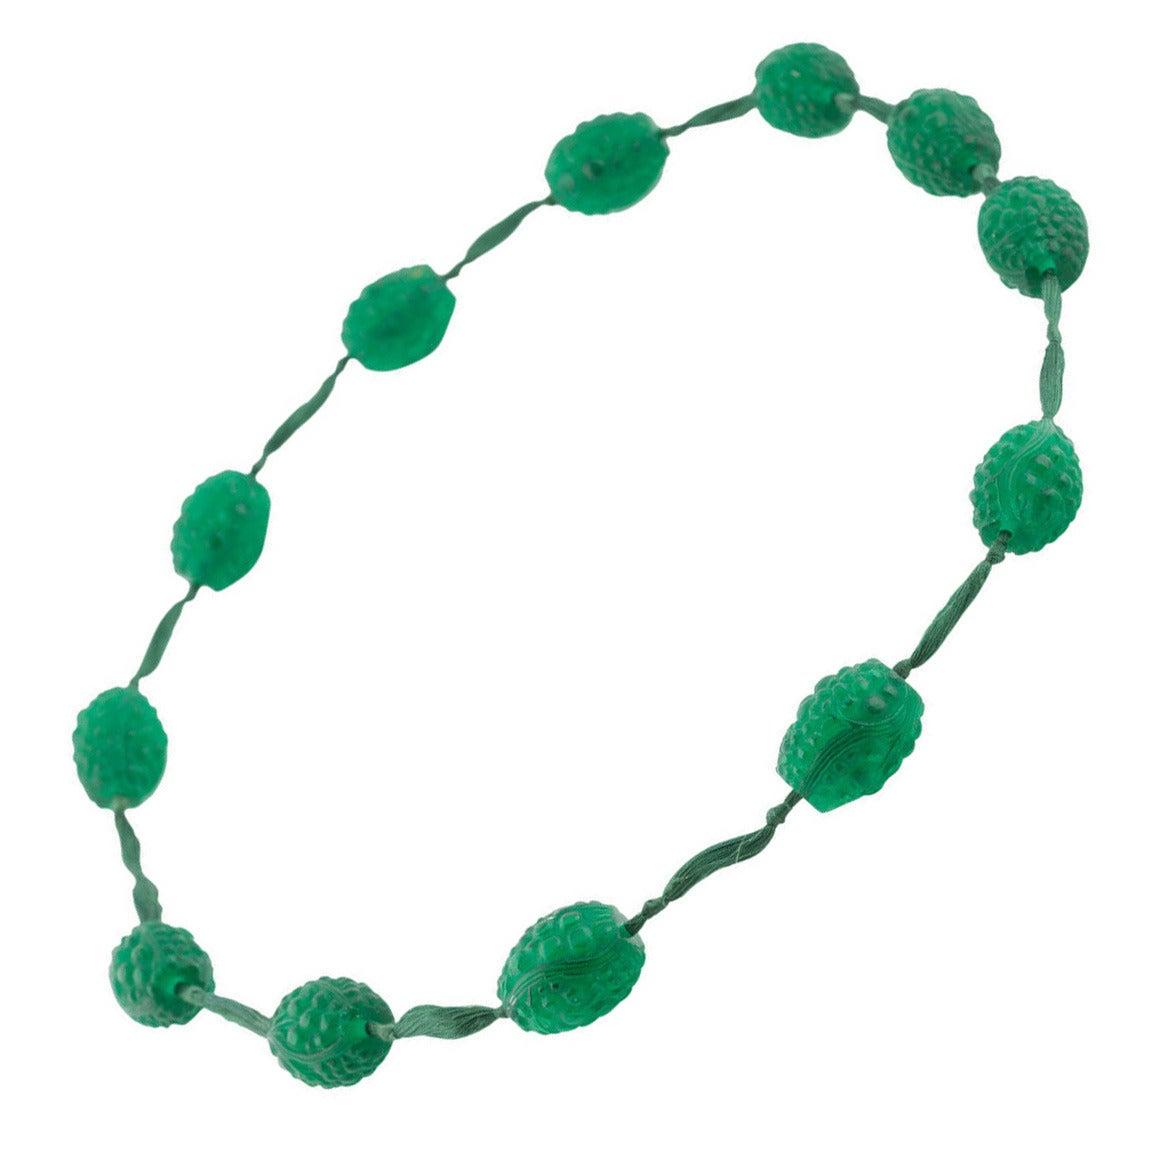 1920s René Emerald Green Lalique Grosses Graines Bead Necklace For Sale